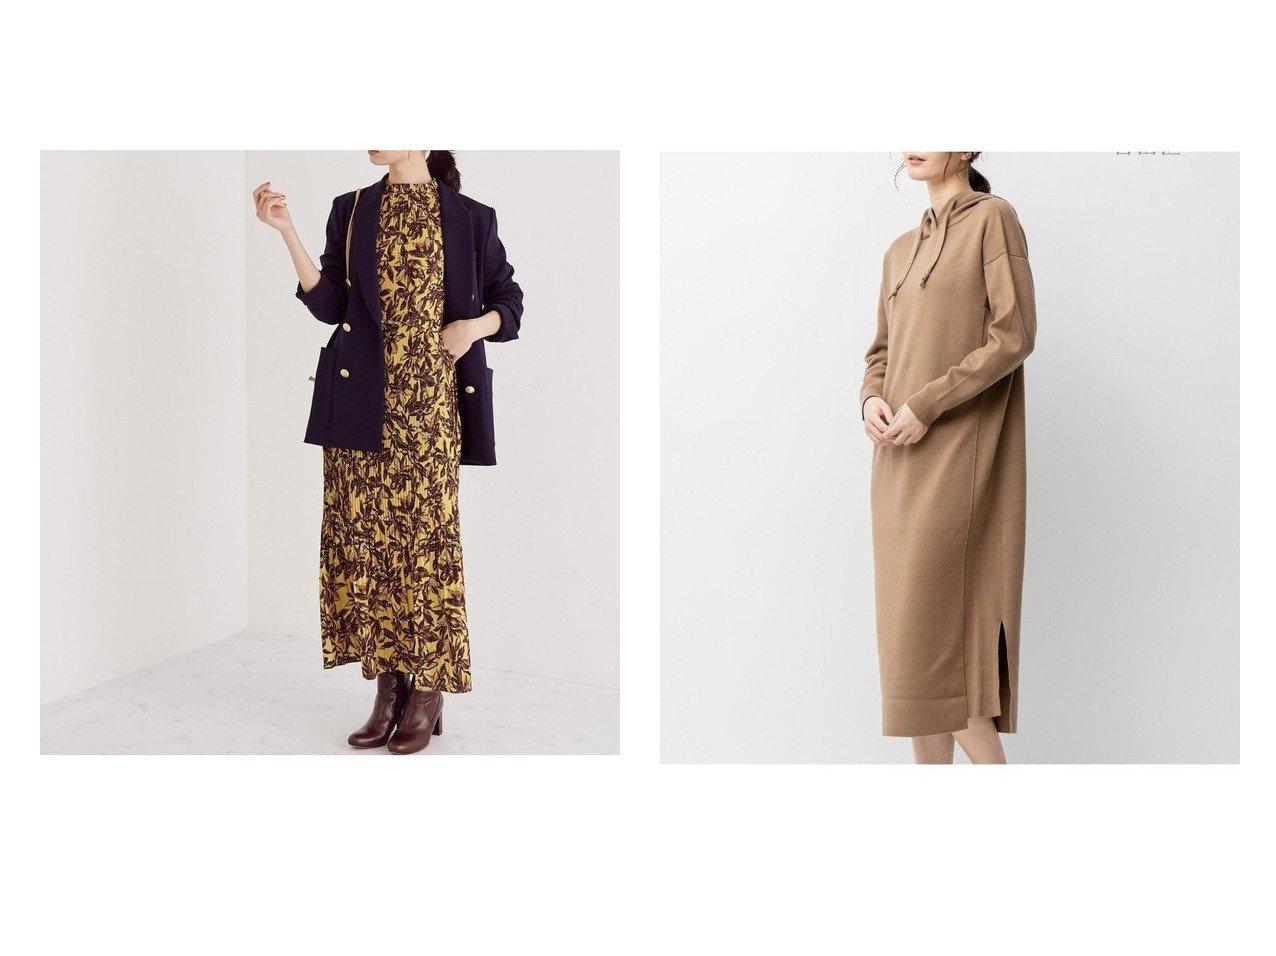 【JIYU-KU/自由区】の【UNFILO】ウールブレンドスムース ワンピース&【ROPE/ロペ】のプラントフラワープリントプリーツワンピース ワンピース・ドレスのおすすめ!人気、レディースファッションの通販  おすすめで人気のファッション通販商品 インテリア・家具・キッズファッション・メンズファッション・レディースファッション・服の通販 founy(ファニー) https://founy.com/ ファッション Fashion レディース WOMEN ワンピース Dress ニットワンピース Knit Dresses イエロー オレンジ キャミソール クラシカル スタンド ドレス フェミニン フラワー フレア プリント プリーツ ベスト ペプラム モダン モチーフ リーフ ウォーム パーカー フィット ロング 人気 抗菌 春 秋 |ID:crp329100000004313